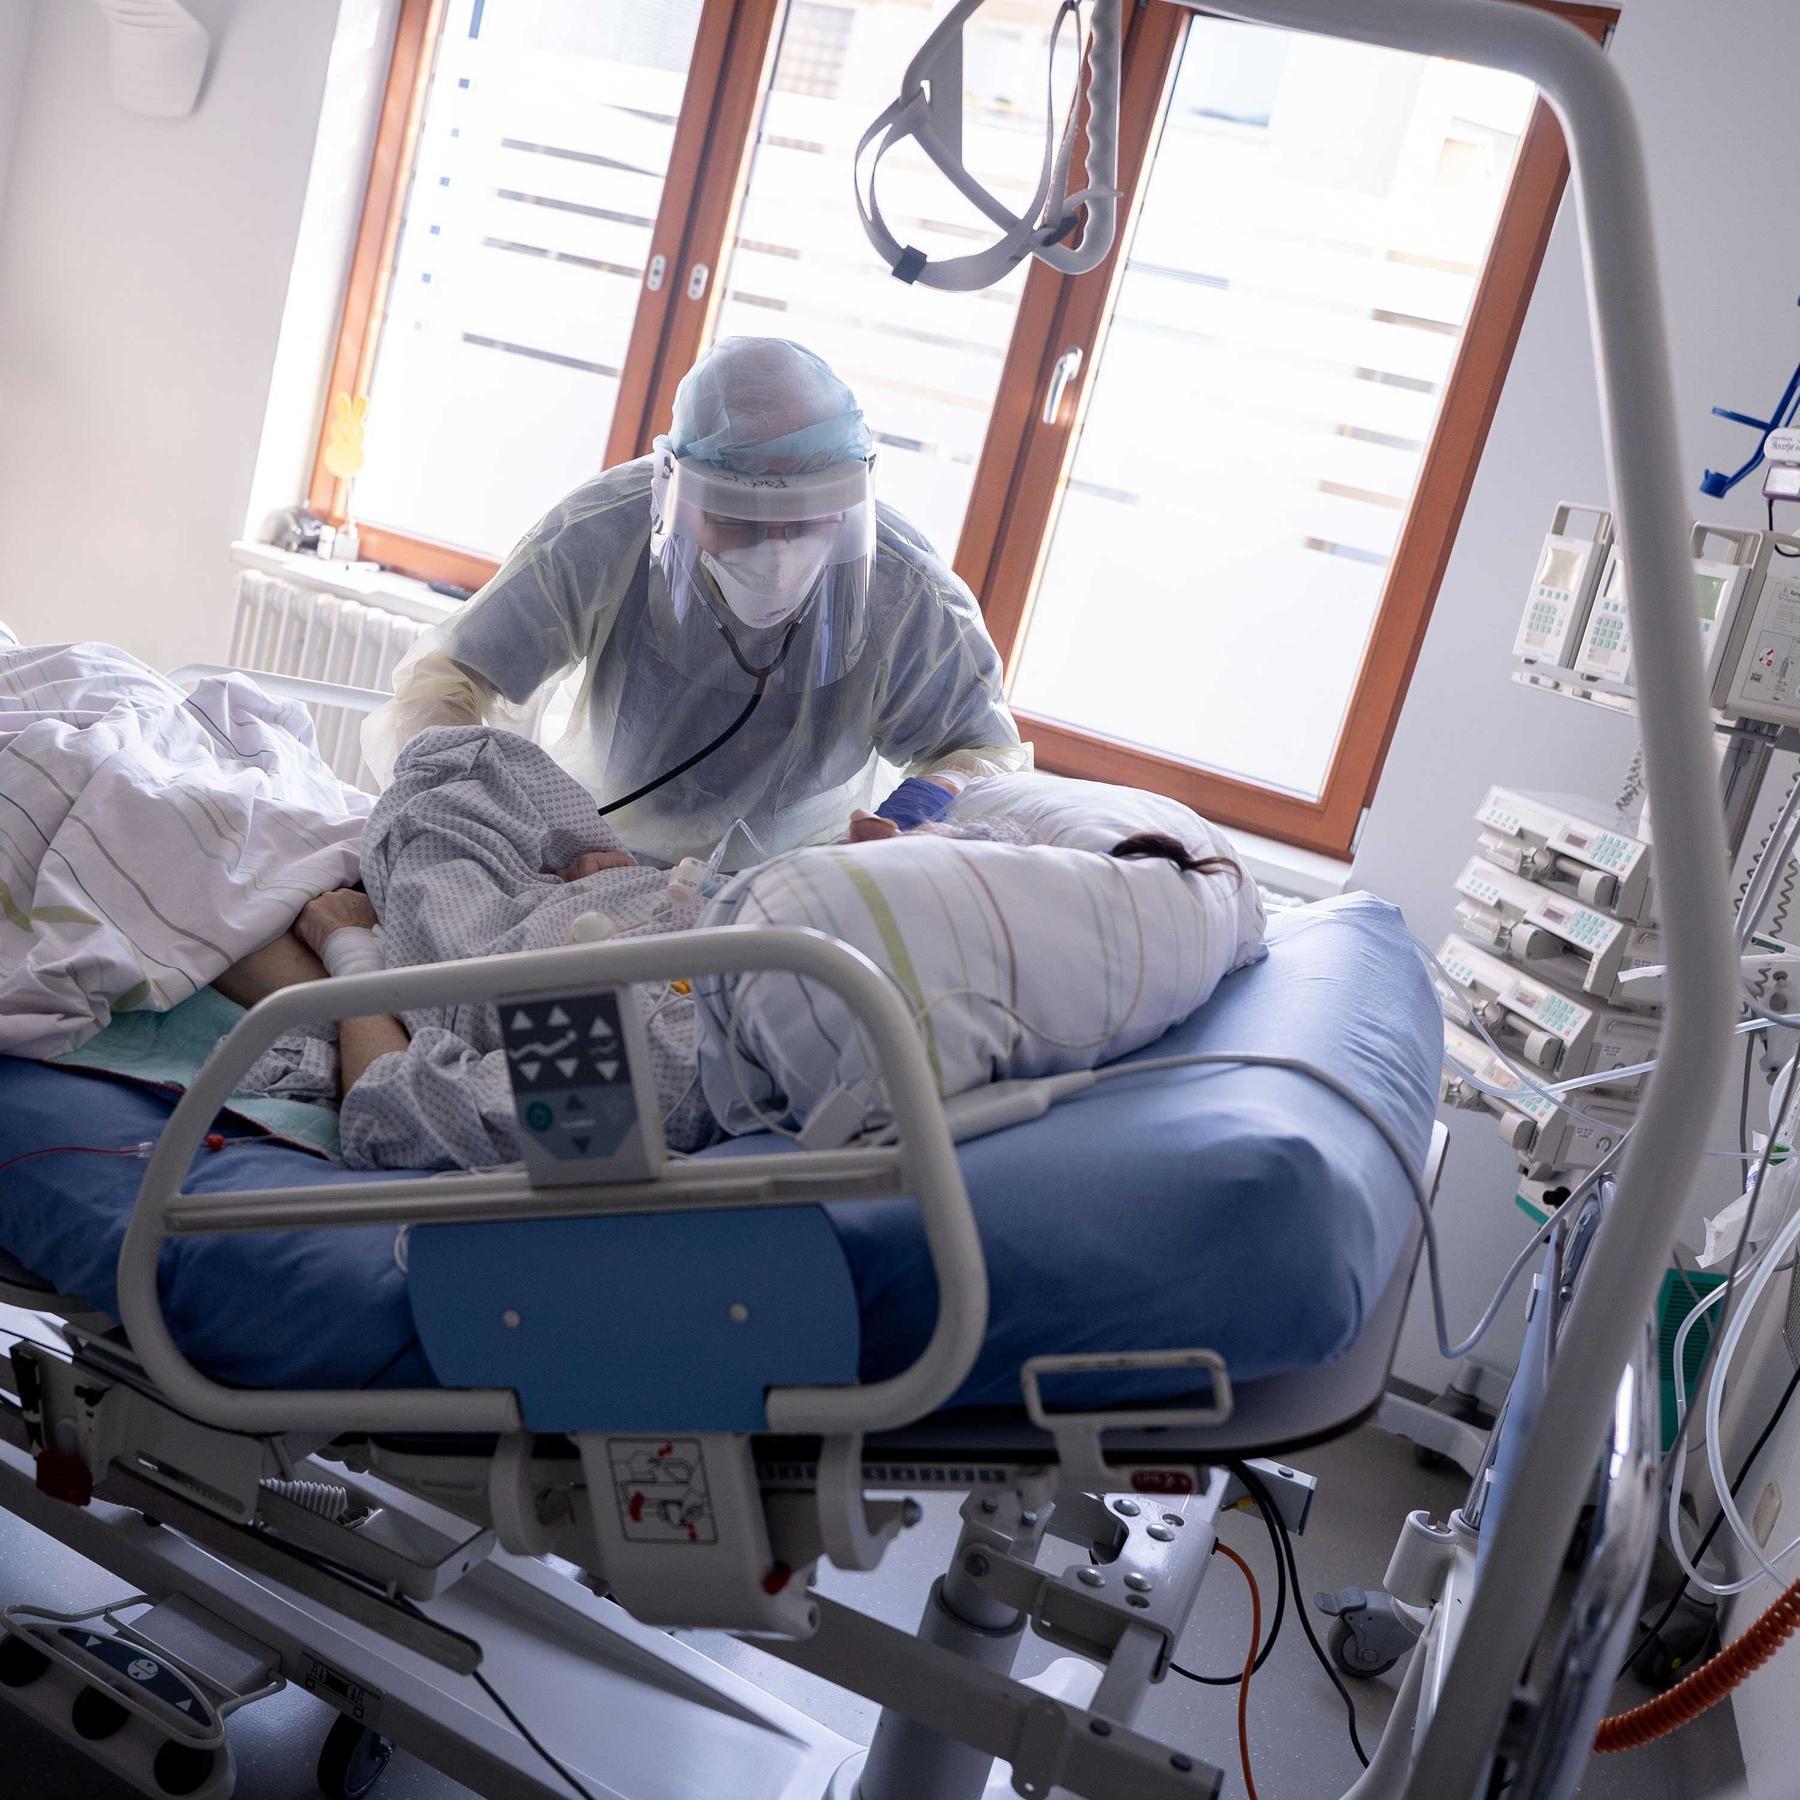 Inzidenz, R-Wert, Intensivpatienten - Welche Zahlen sind jetzt wichtig?